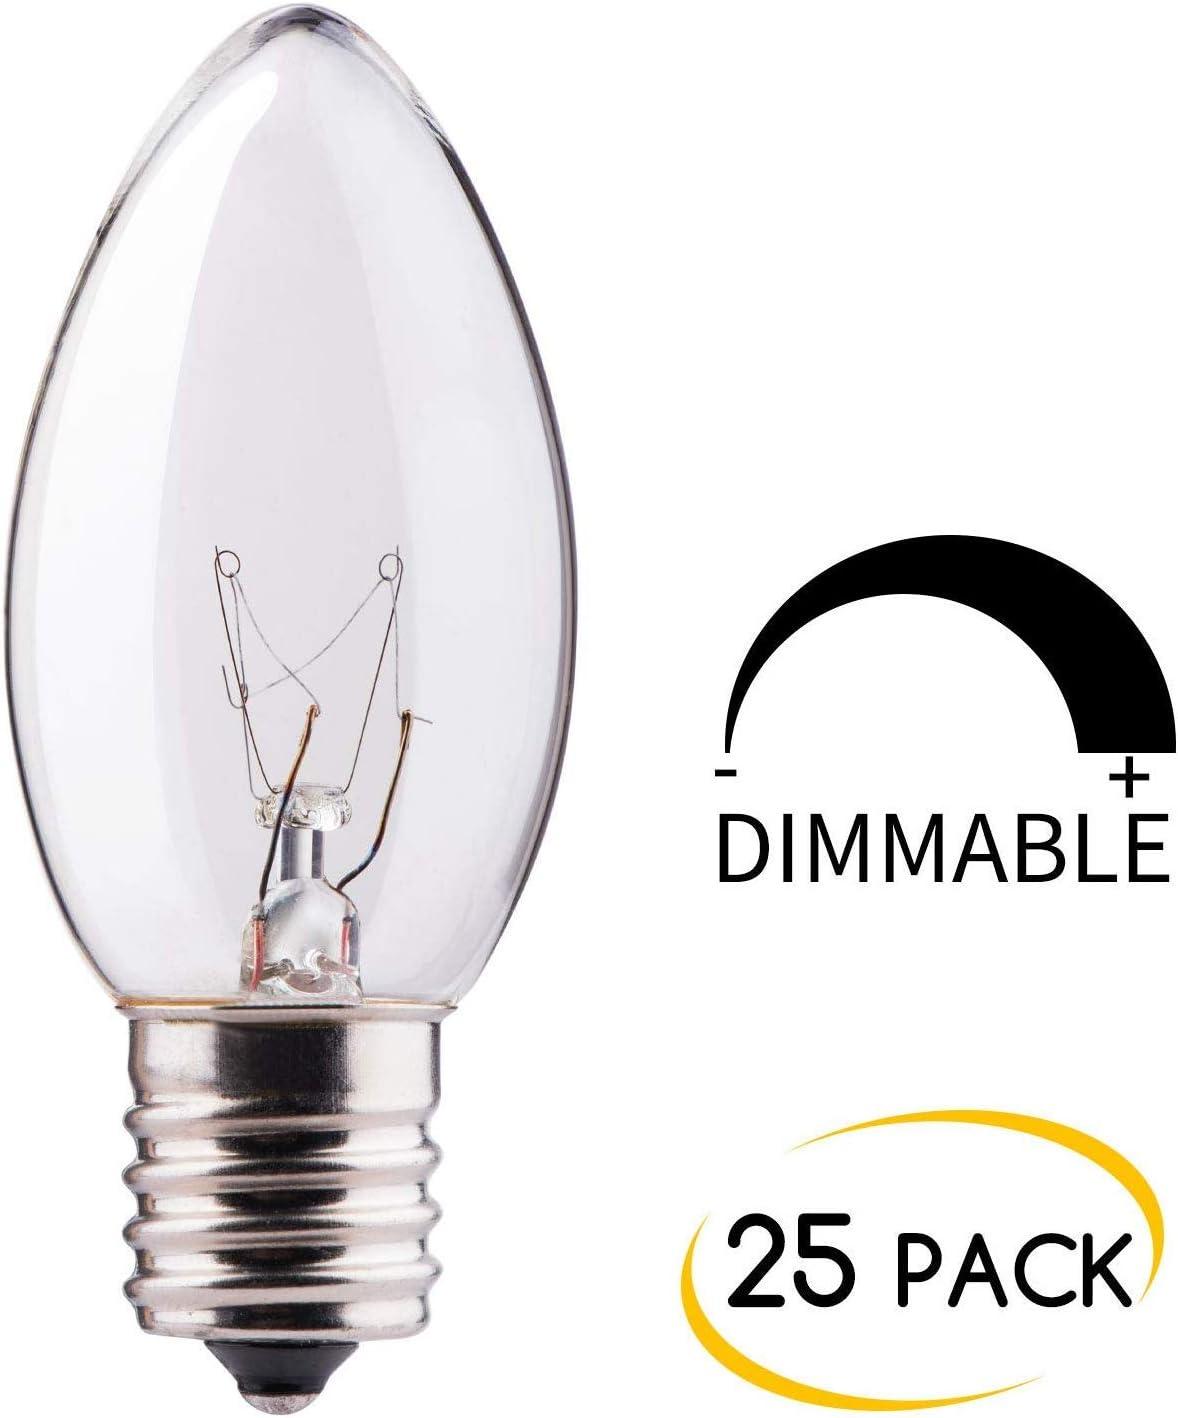 LEDC9-25-T-CR-G-12 LED Light Bulbs Case of 10 LED Bulbs Industrial ...